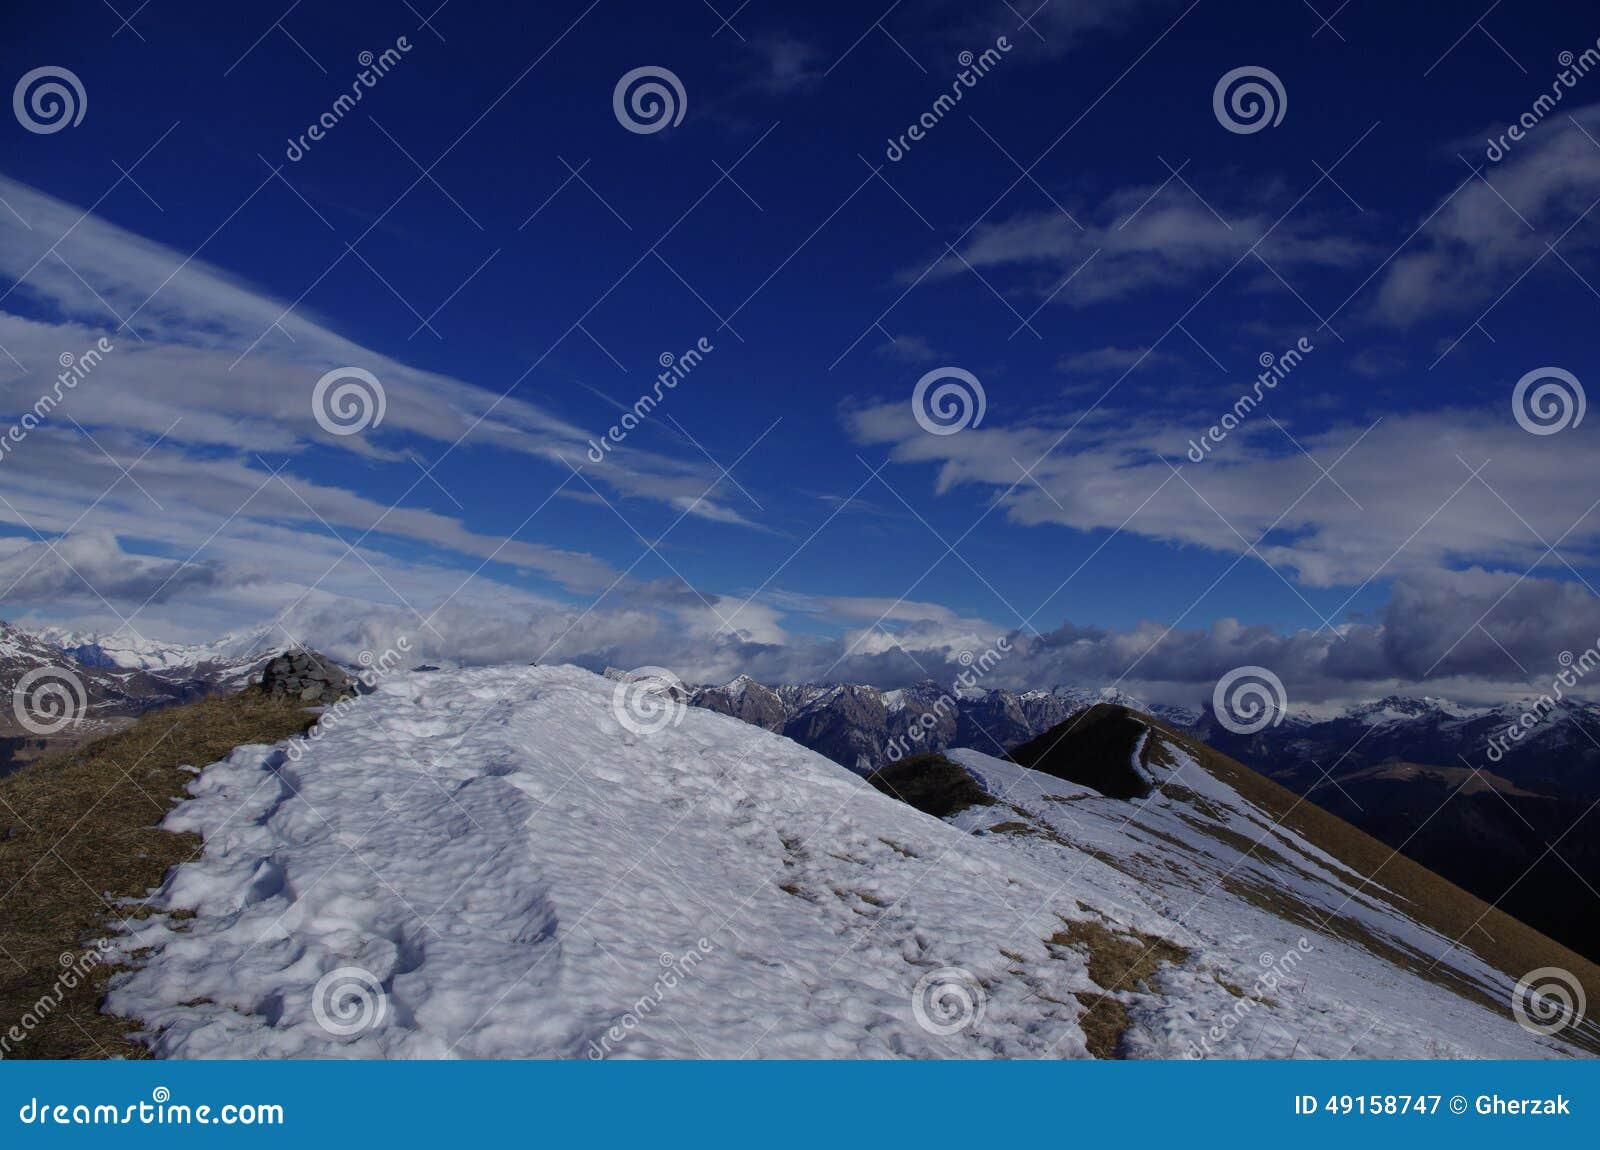 landscape sky clouds snow - photo #45